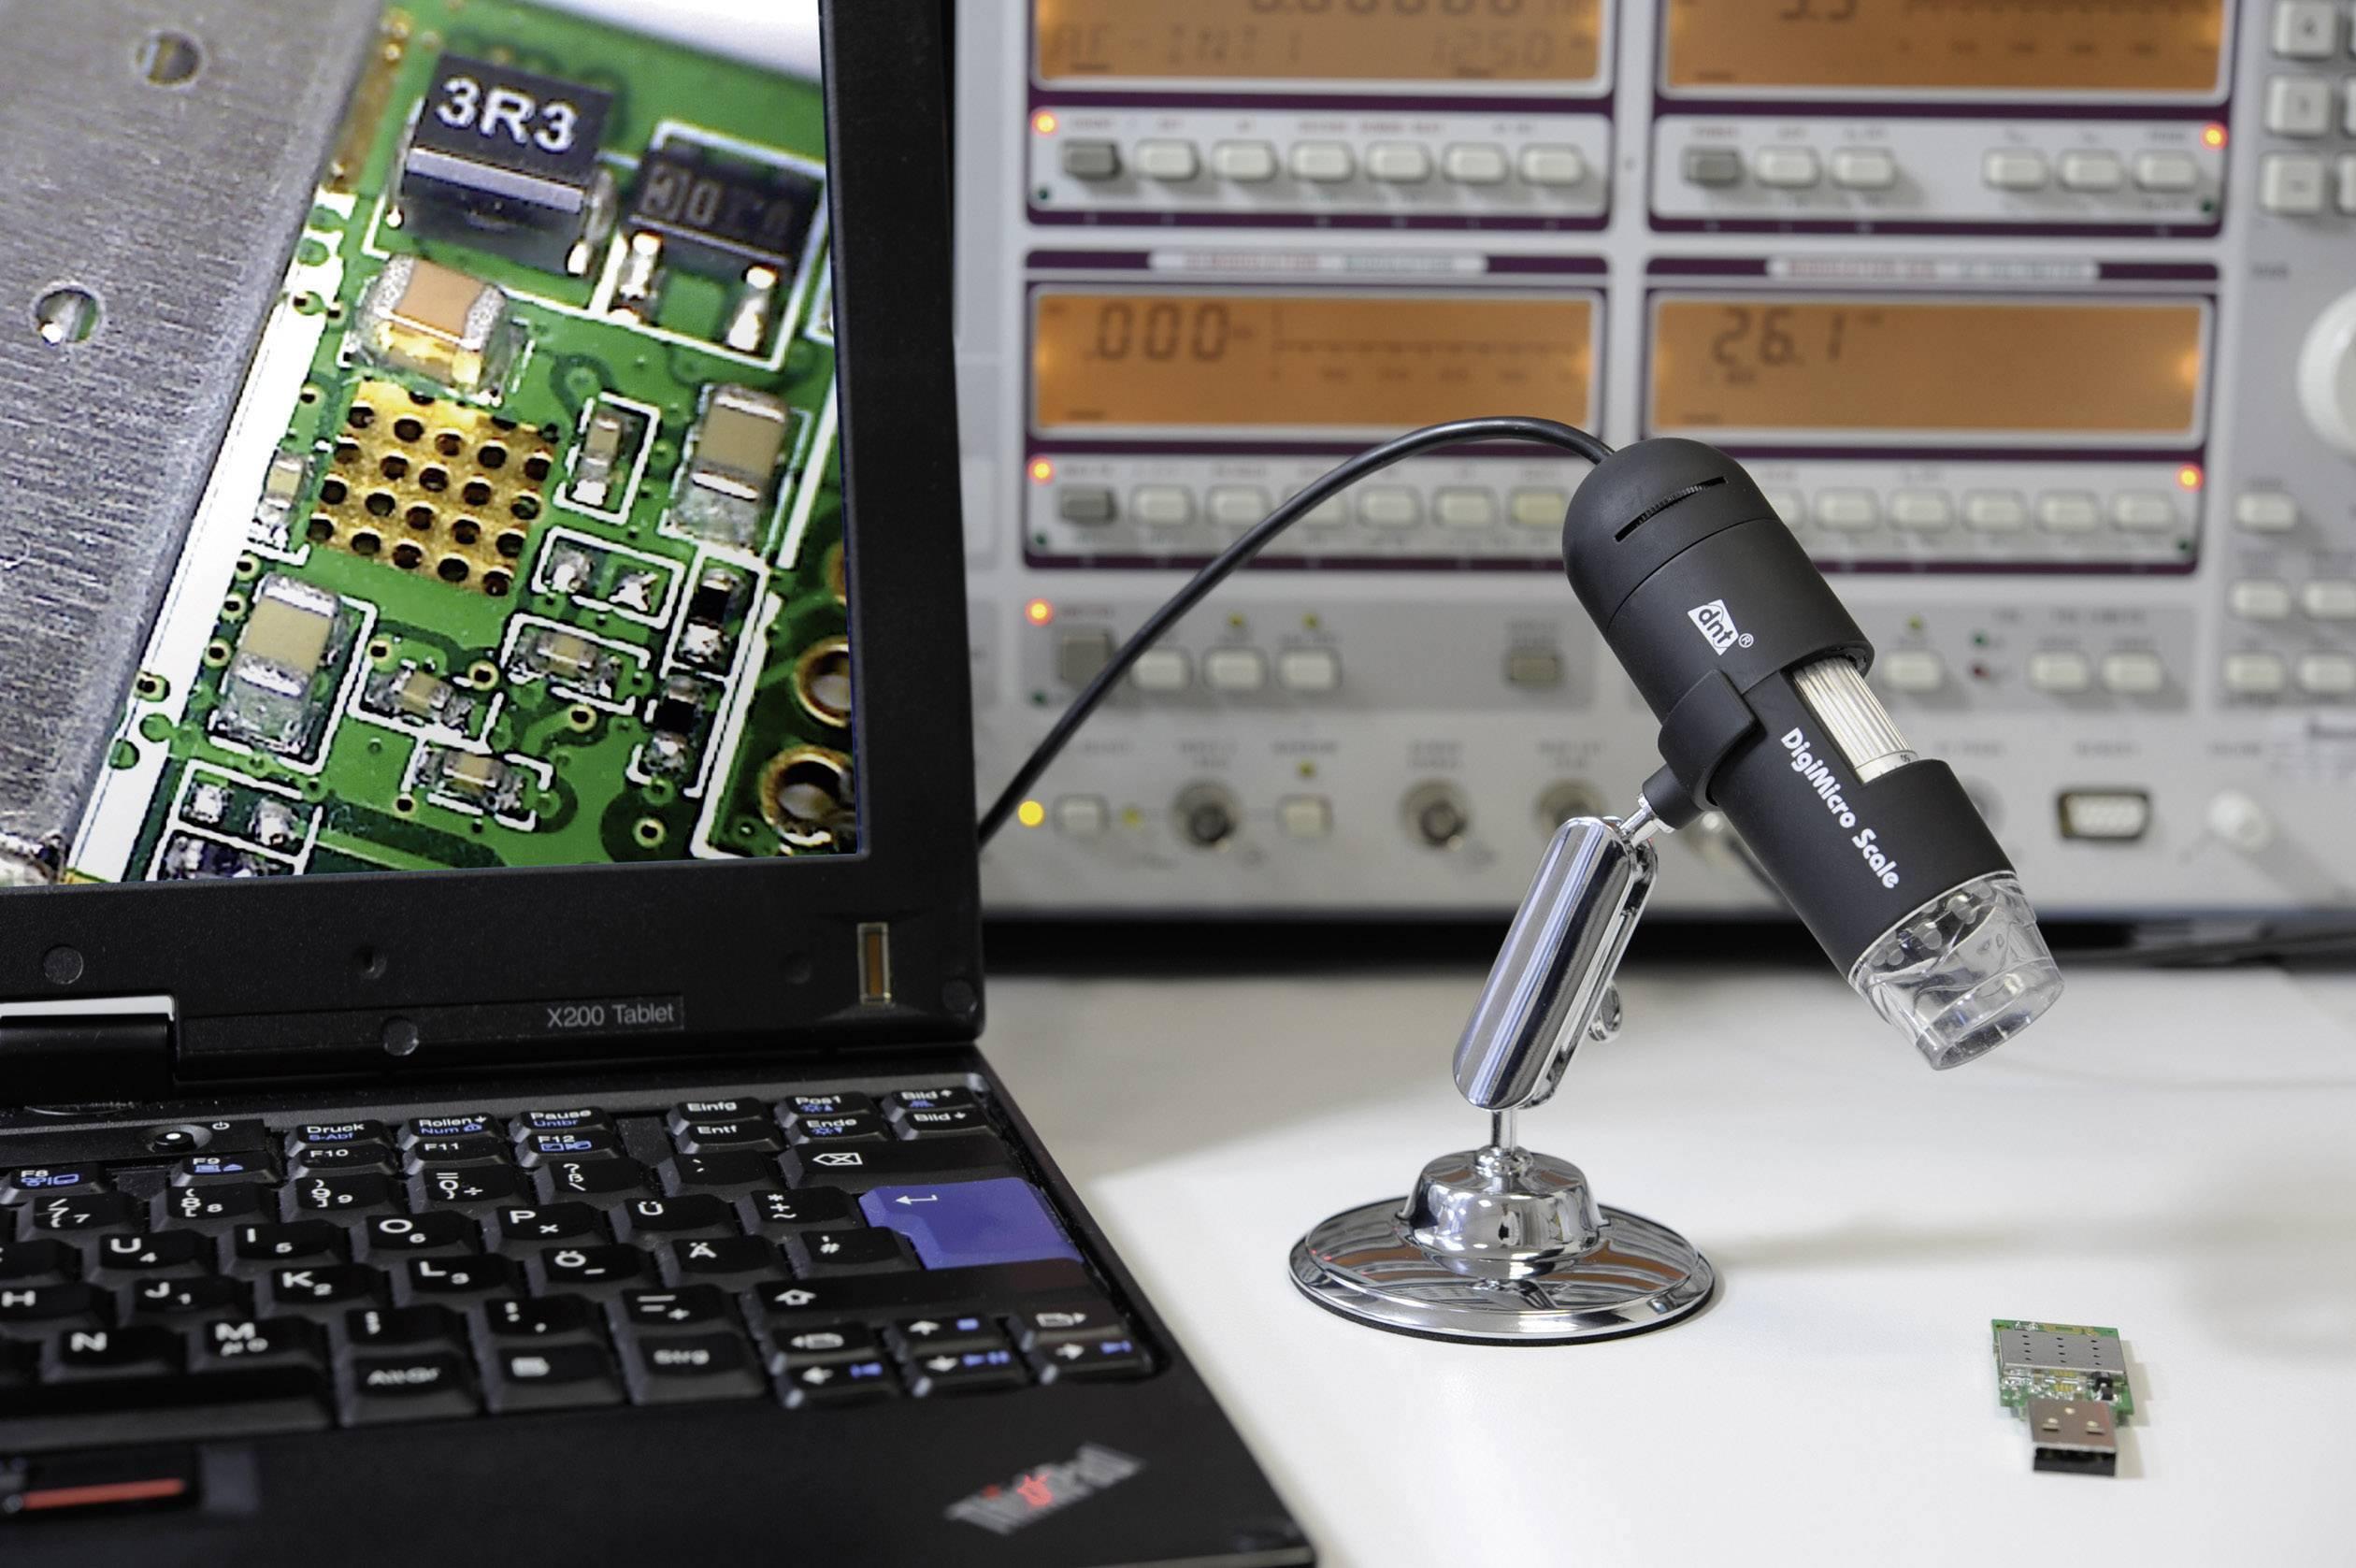 Mikroskop cyfrowy usb dnt digimicro 2.0 scale 52092 2 mpx zamów w